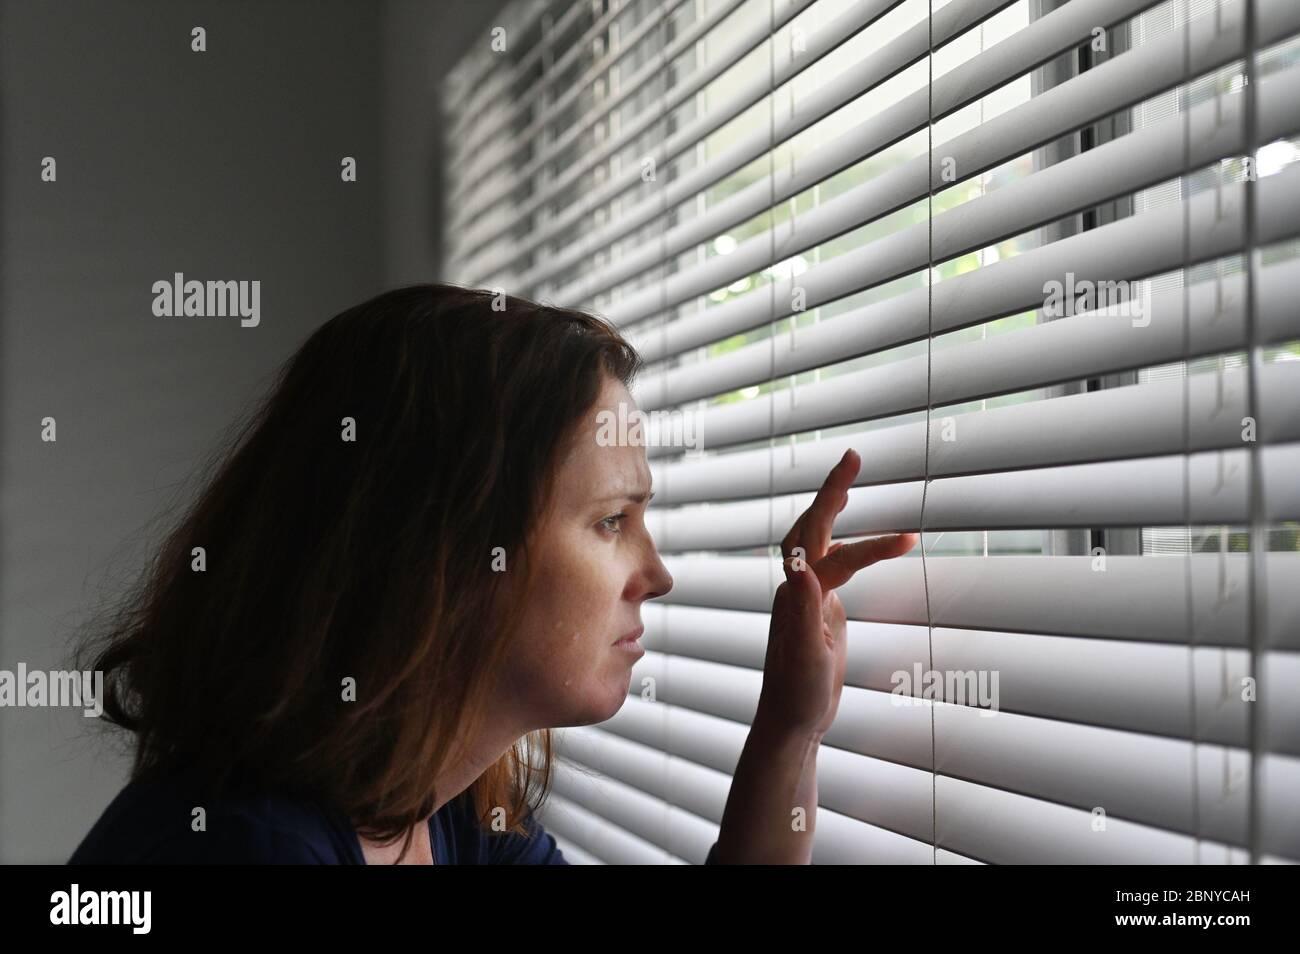 Mujer adulta que sufre de agorafobia, miedo a lugares y situaciones que pueden causar pánico, impotencia o vergüenza. Una fobia progresiva puede Foto de stock